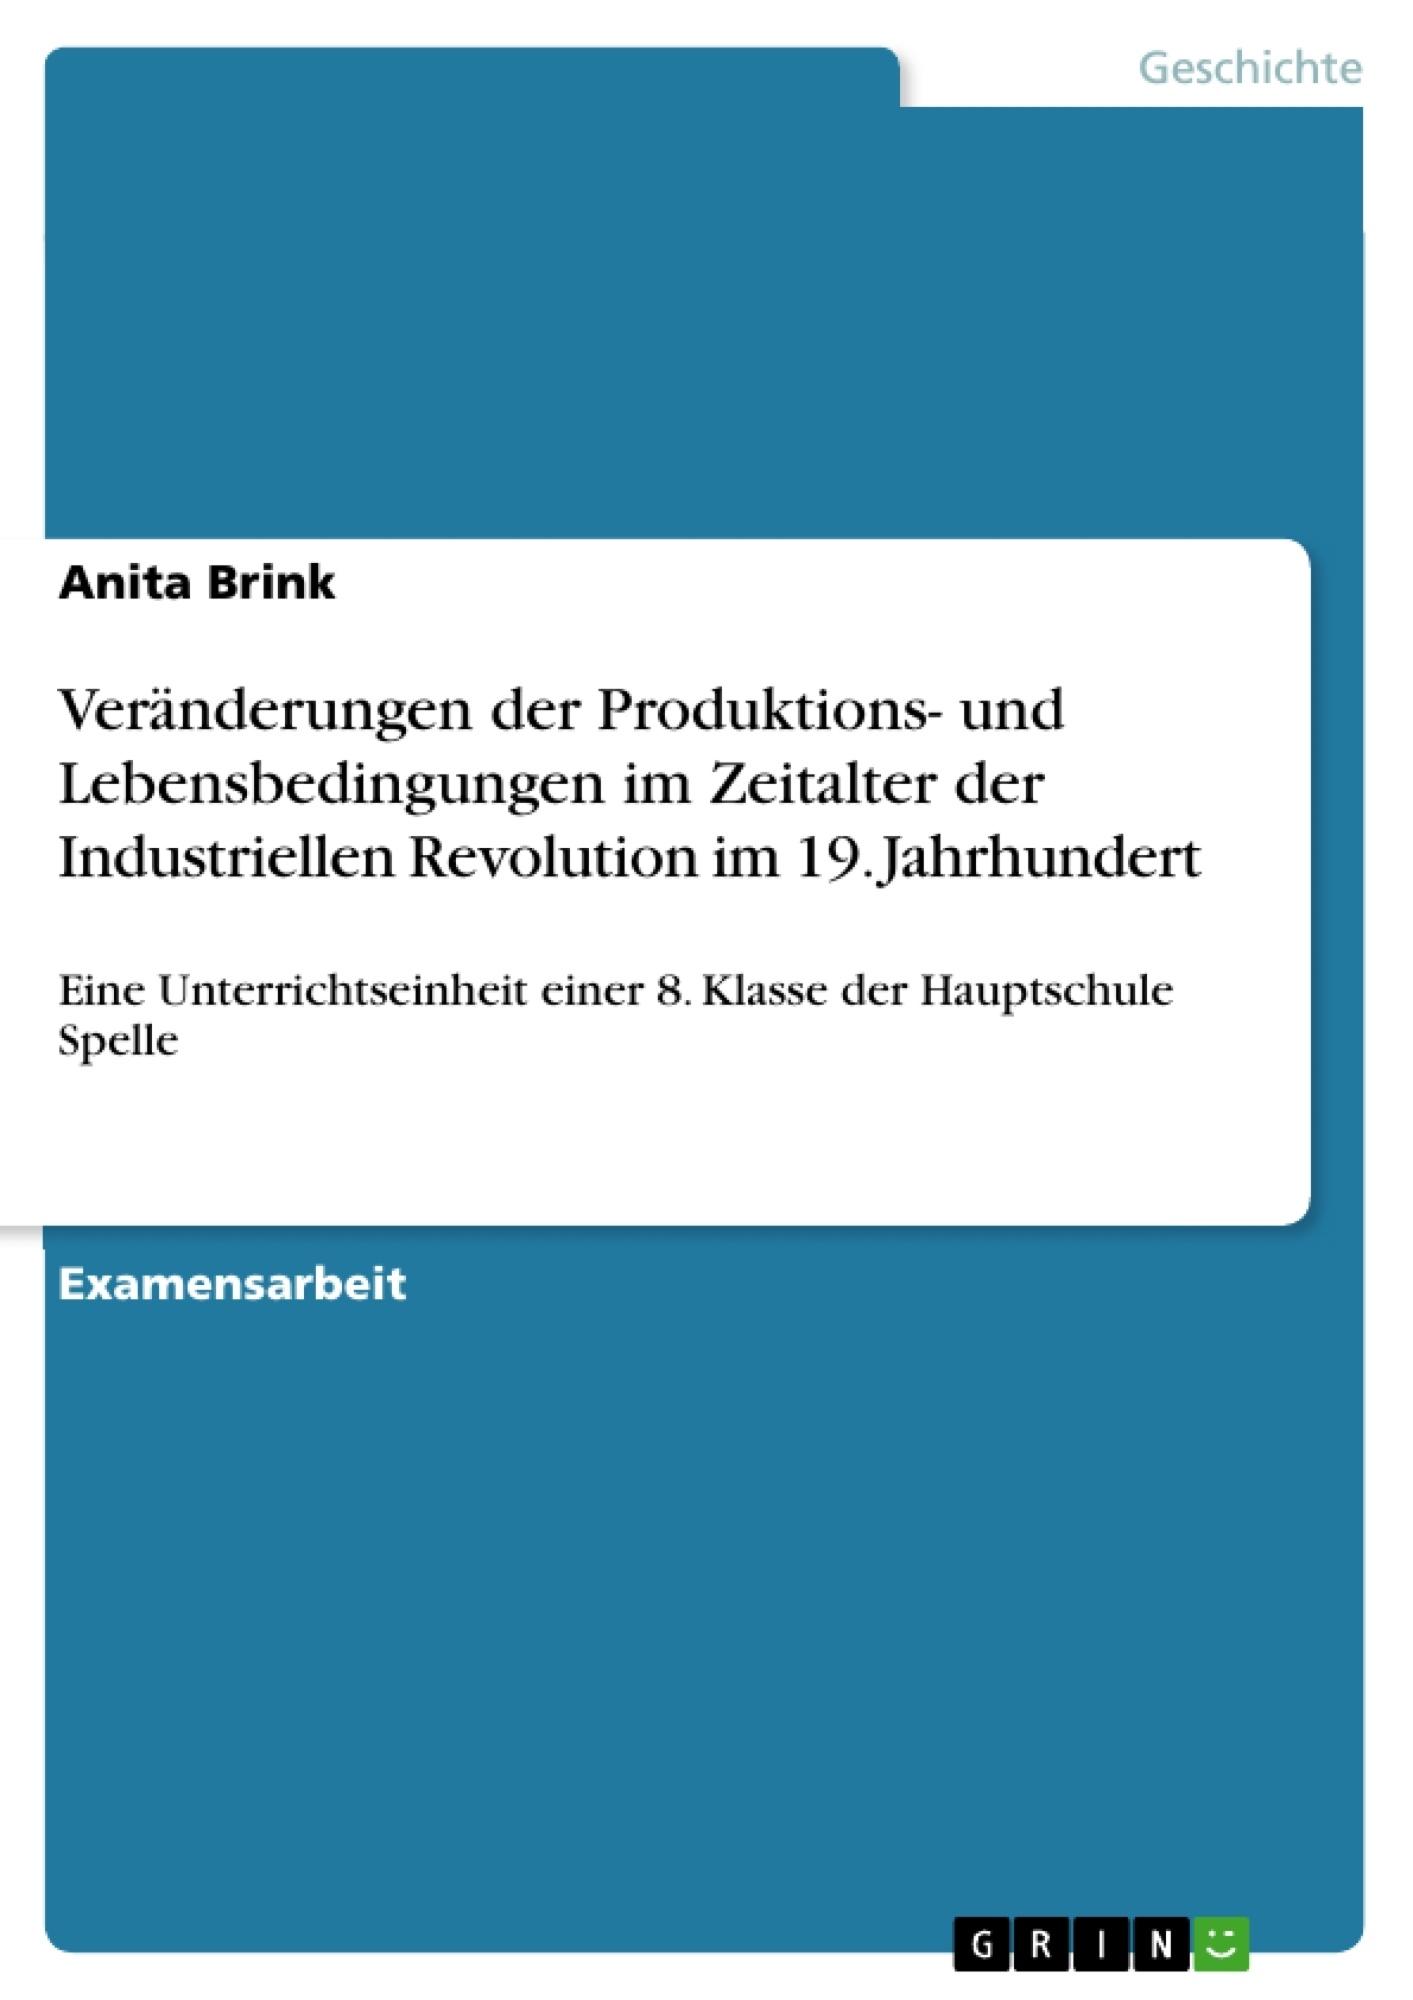 Titel: Veränderungen der Produktions- und Lebensbedingungen im Zeitalter der Industriellen Revolution im 19. Jahrhundert